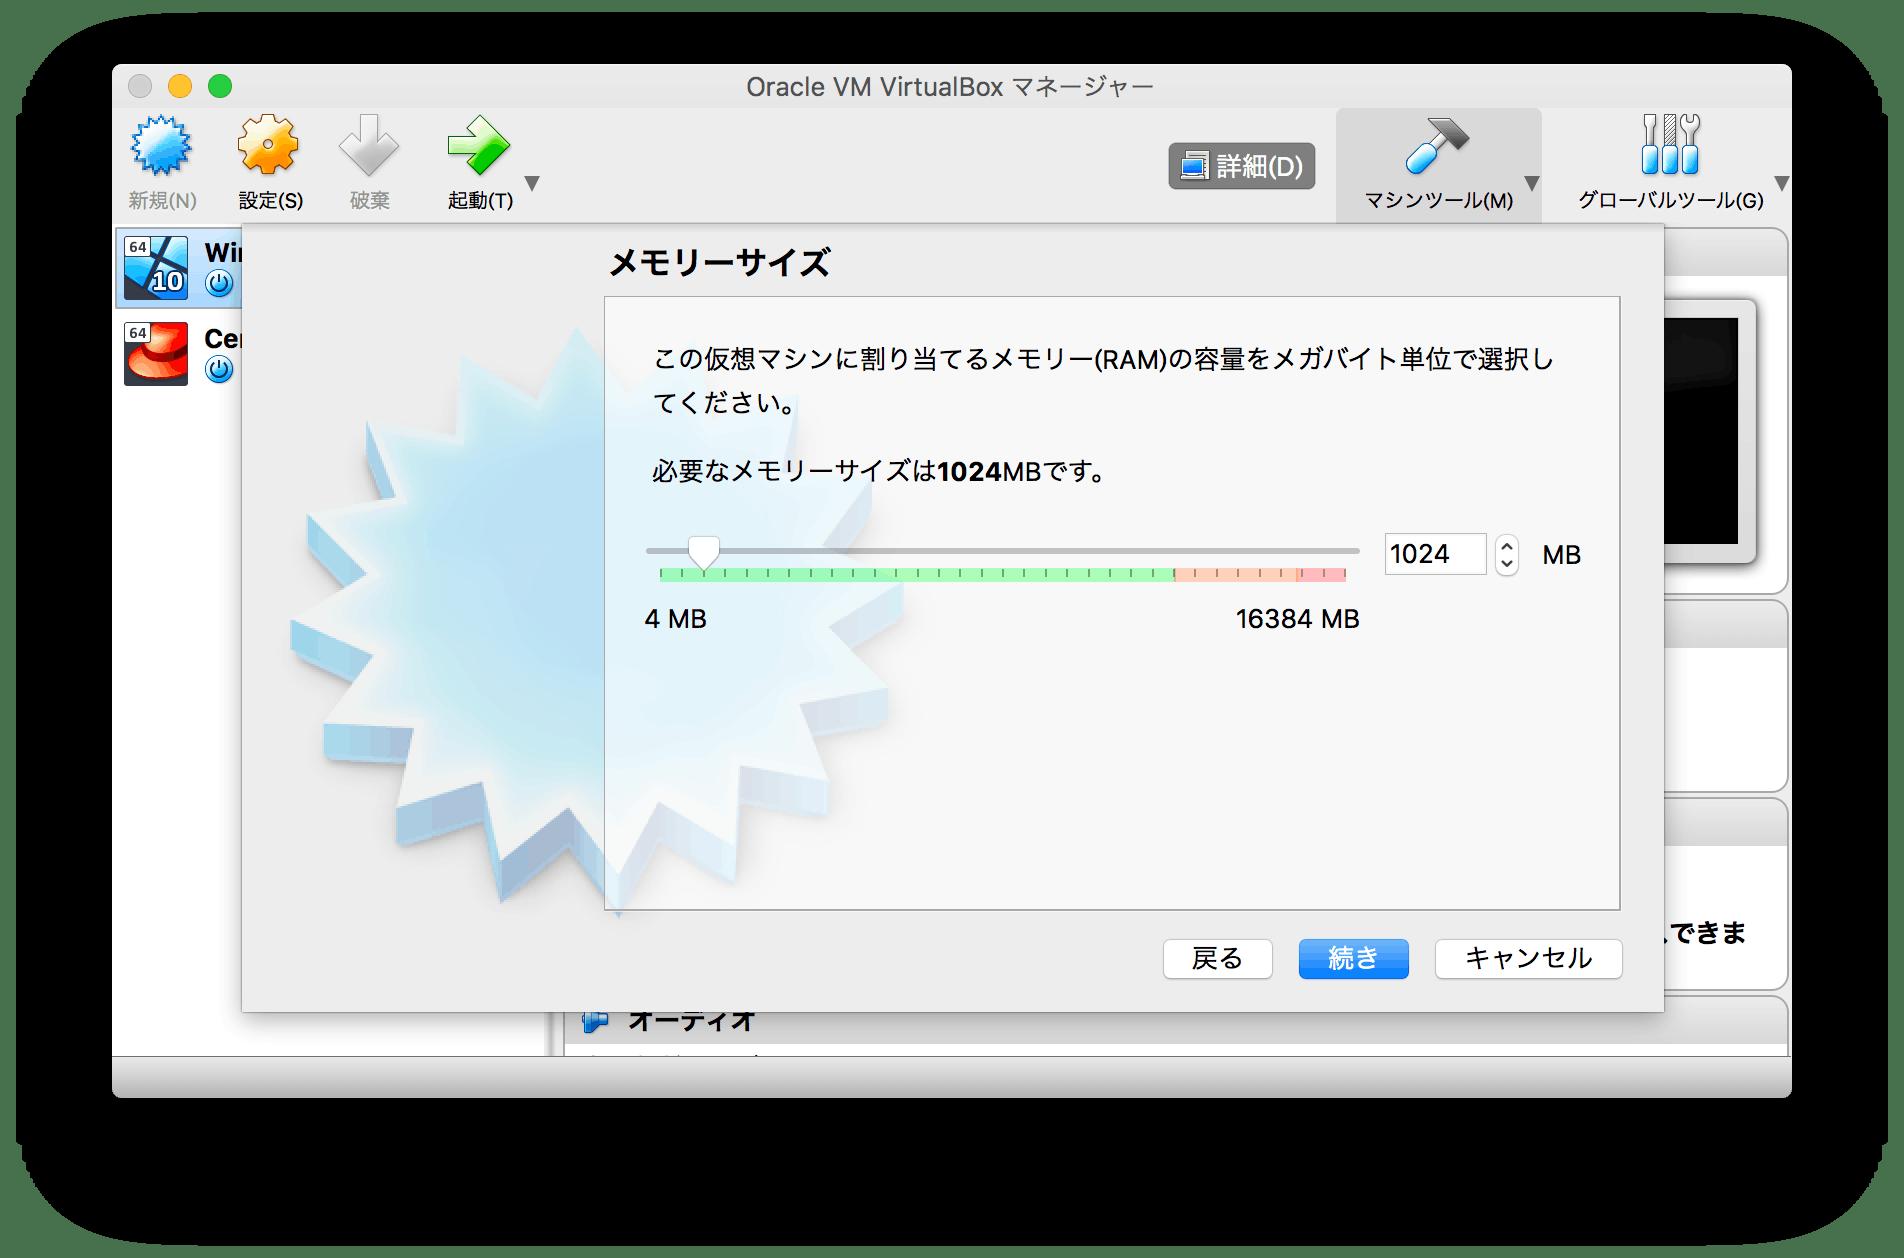 スクリーンショット 2018-01-20 20.43.08.png